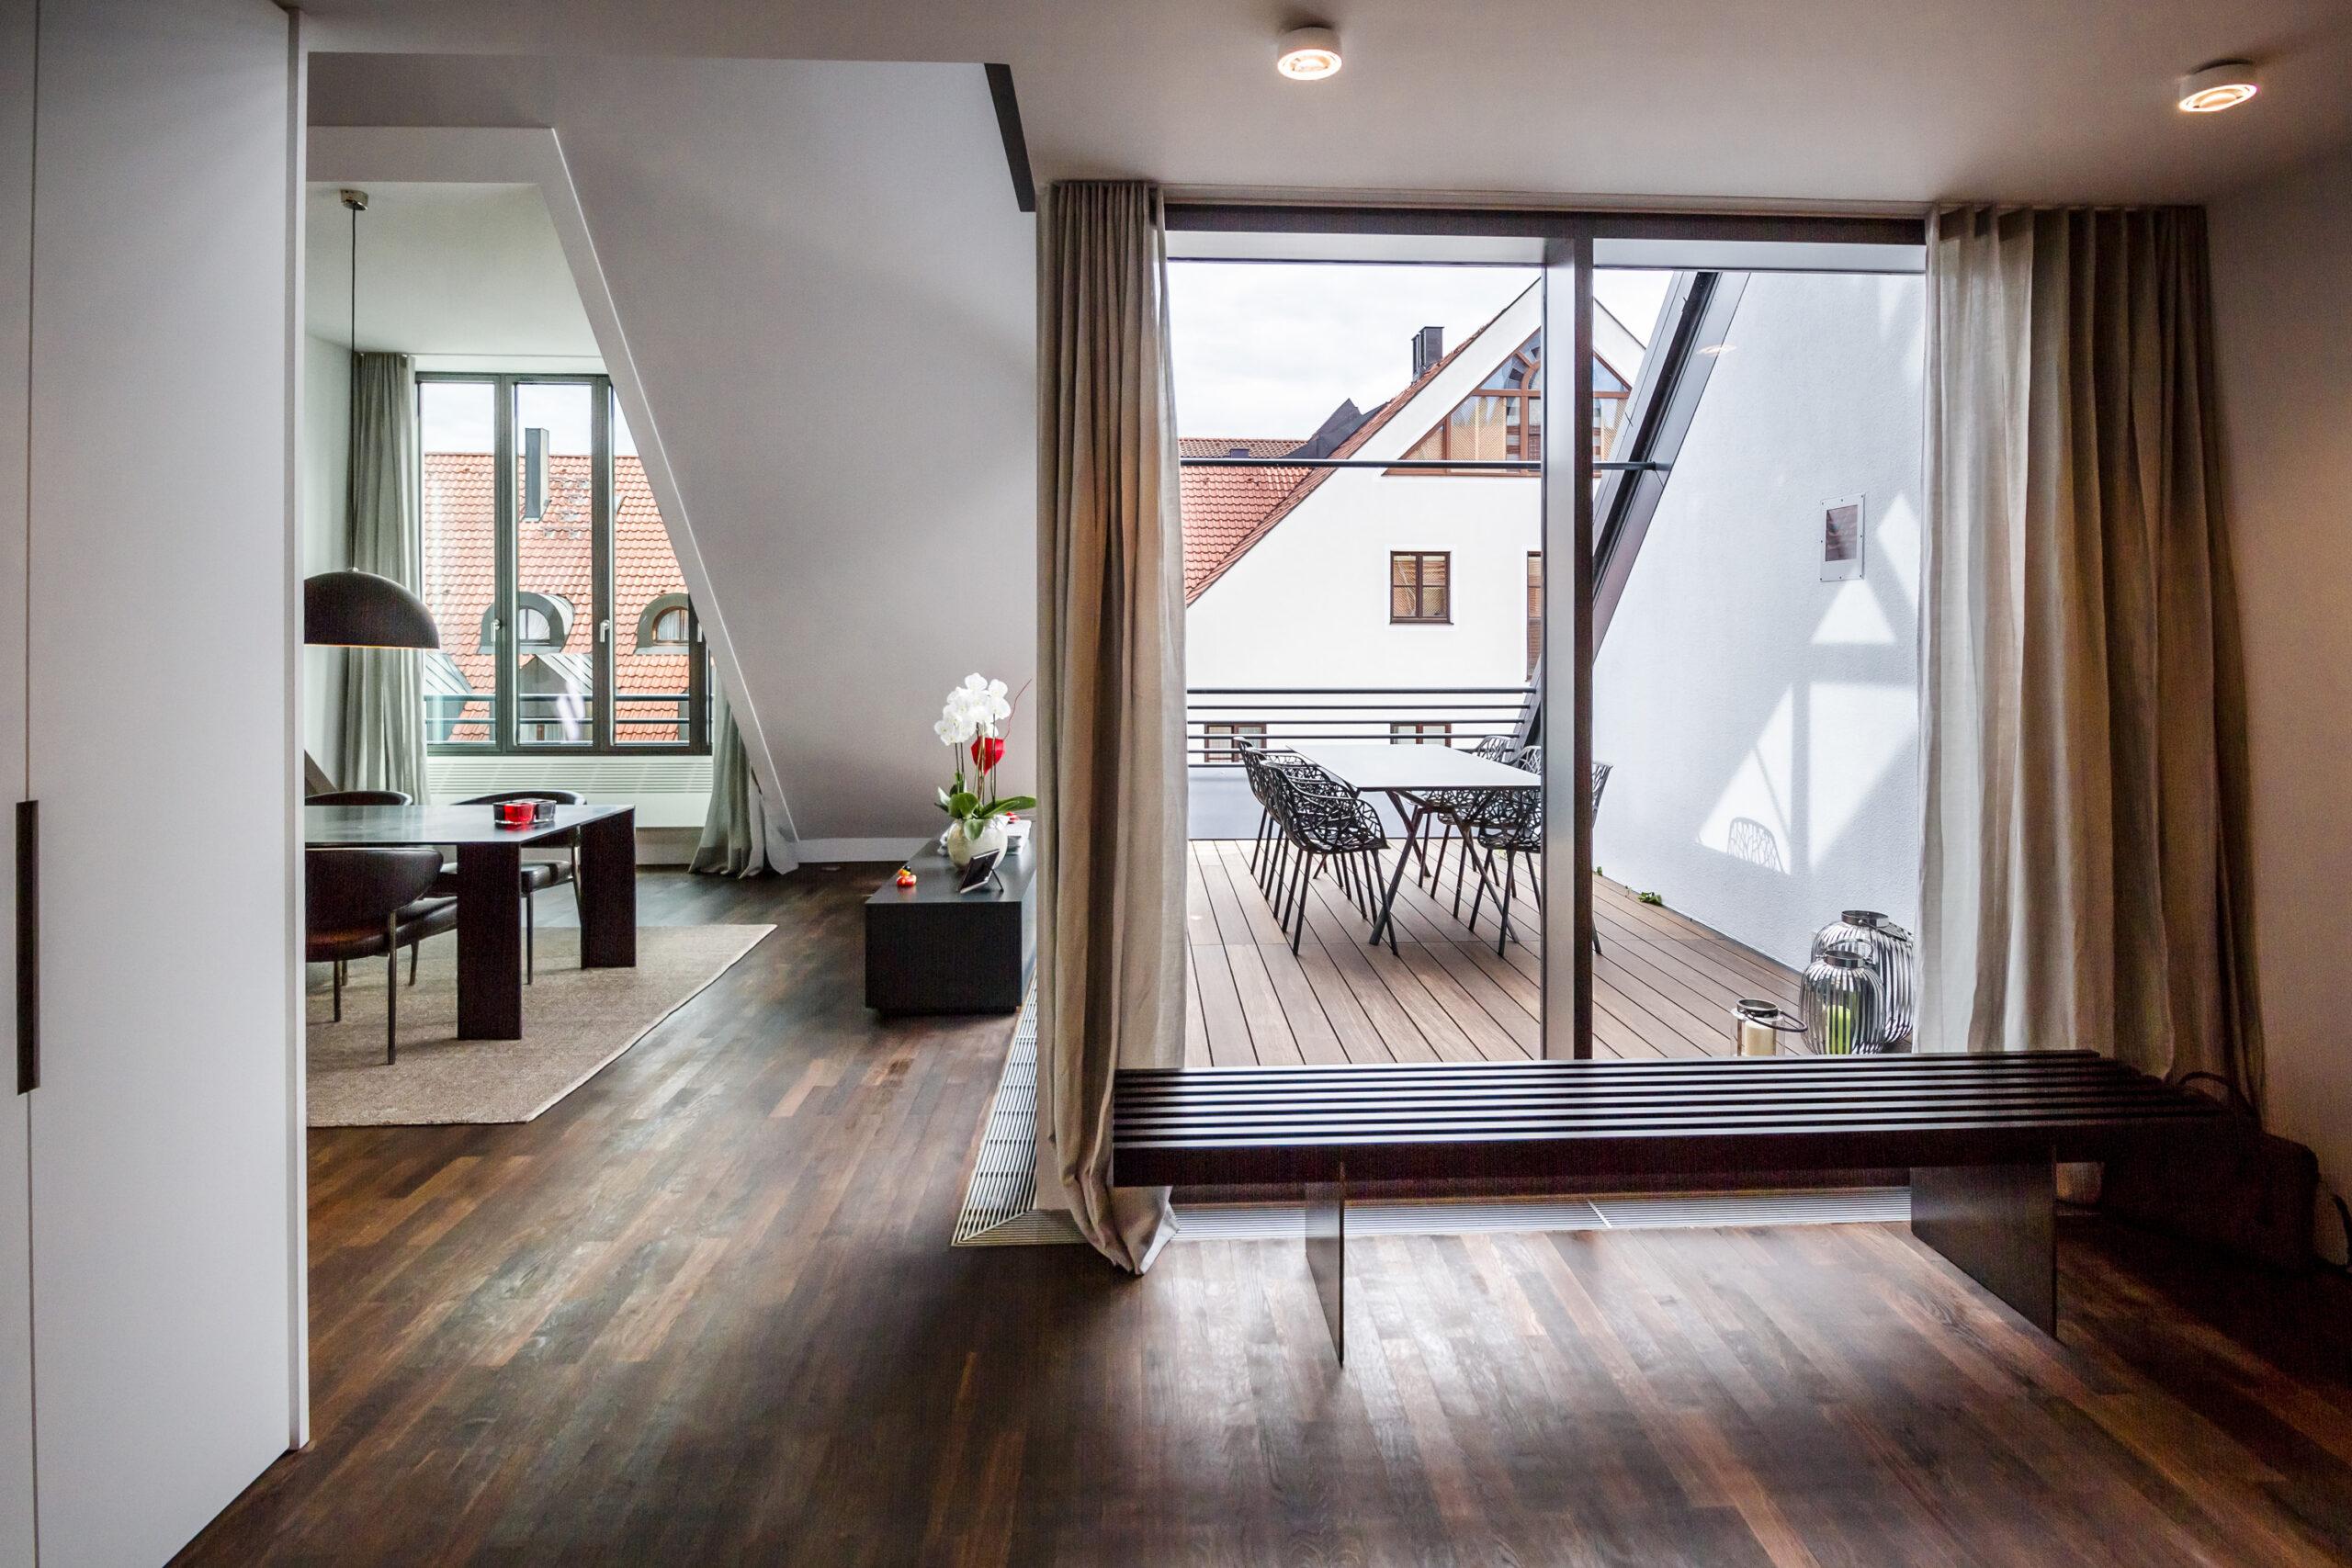 Full Size of Dachgeschosswohnung Wohnzimmer Einrichten Kleine Beispiele Schlafzimmer Ikea Ideen Pinterest Bilder Tipps Küche Badezimmer Wohnzimmer Dachgeschosswohnung Einrichten